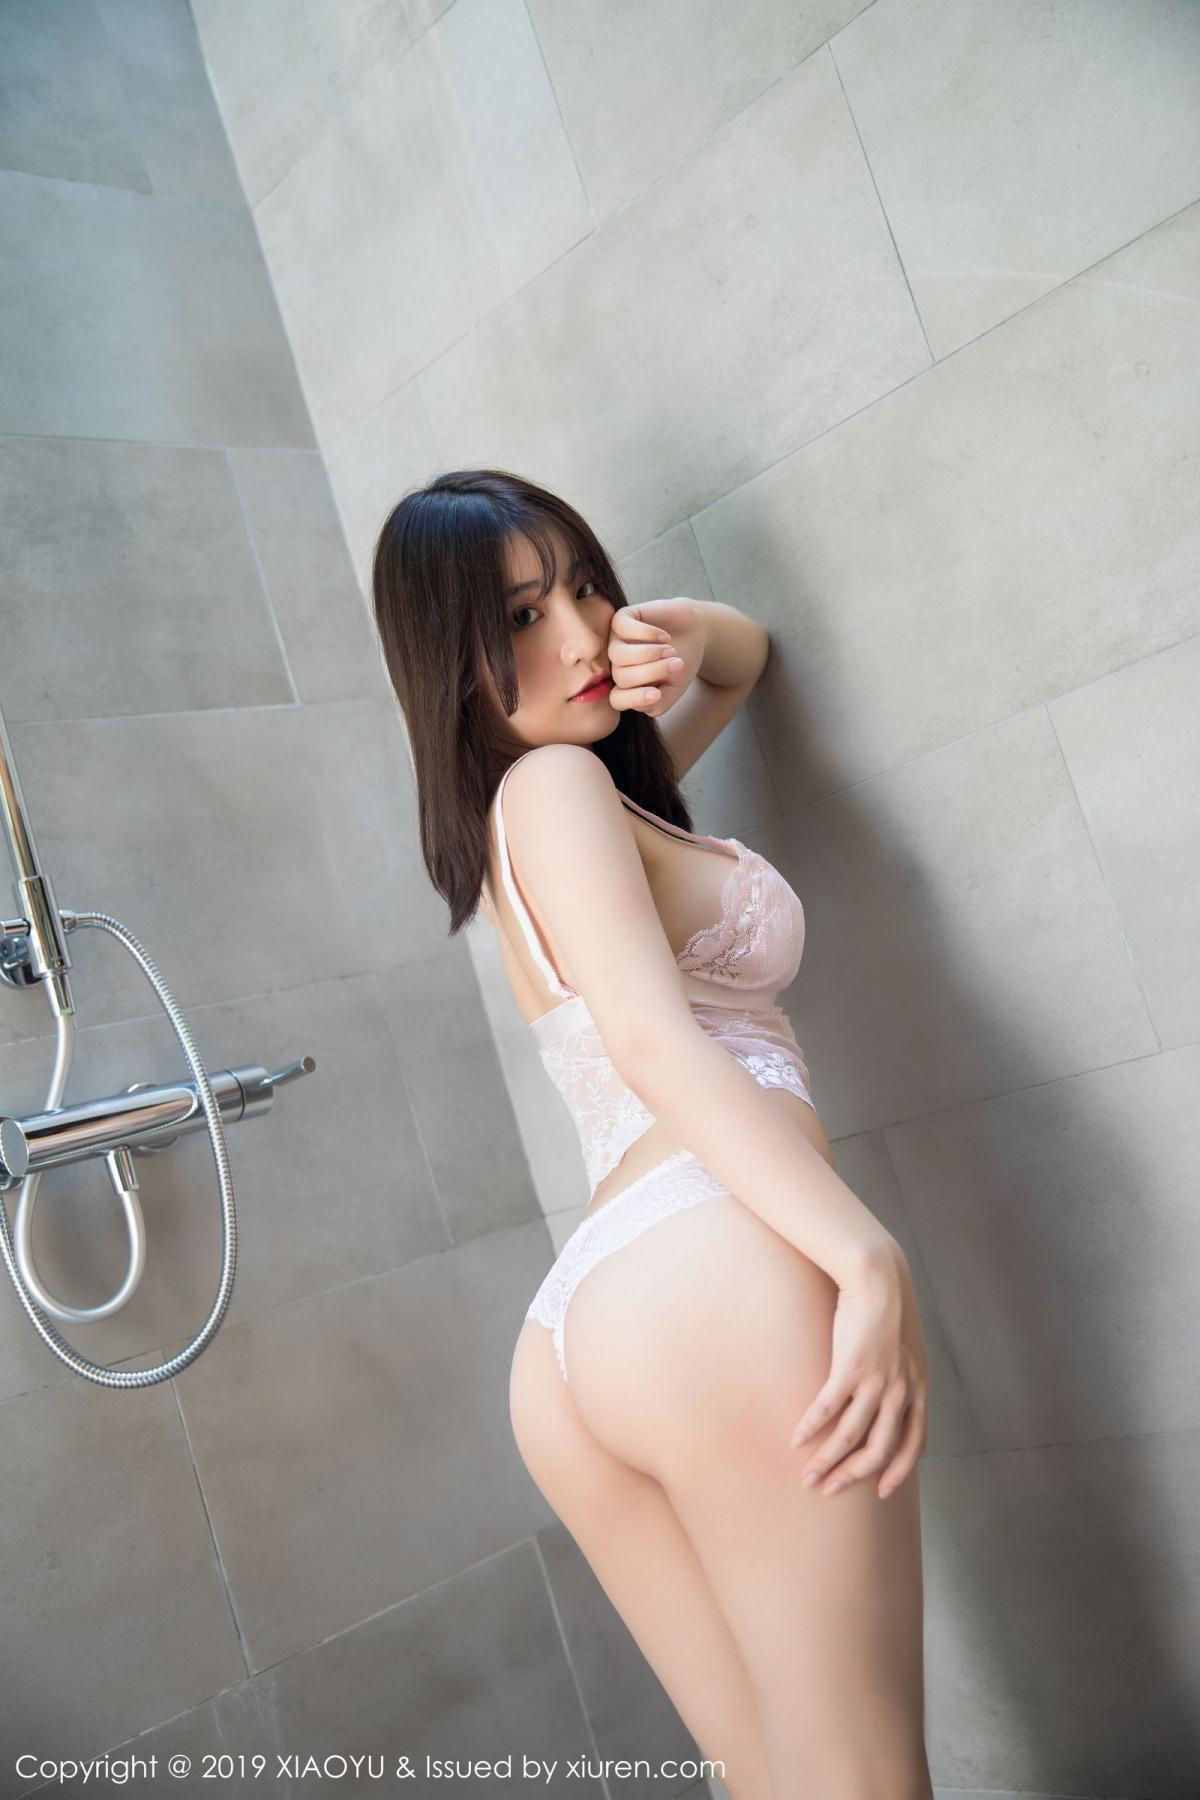 [XiaoYu] Vol.147 Xie Zhi Xin 55P, Bathroom, Big Booty, Wet, XiaoYu, Xie Zhi Xin